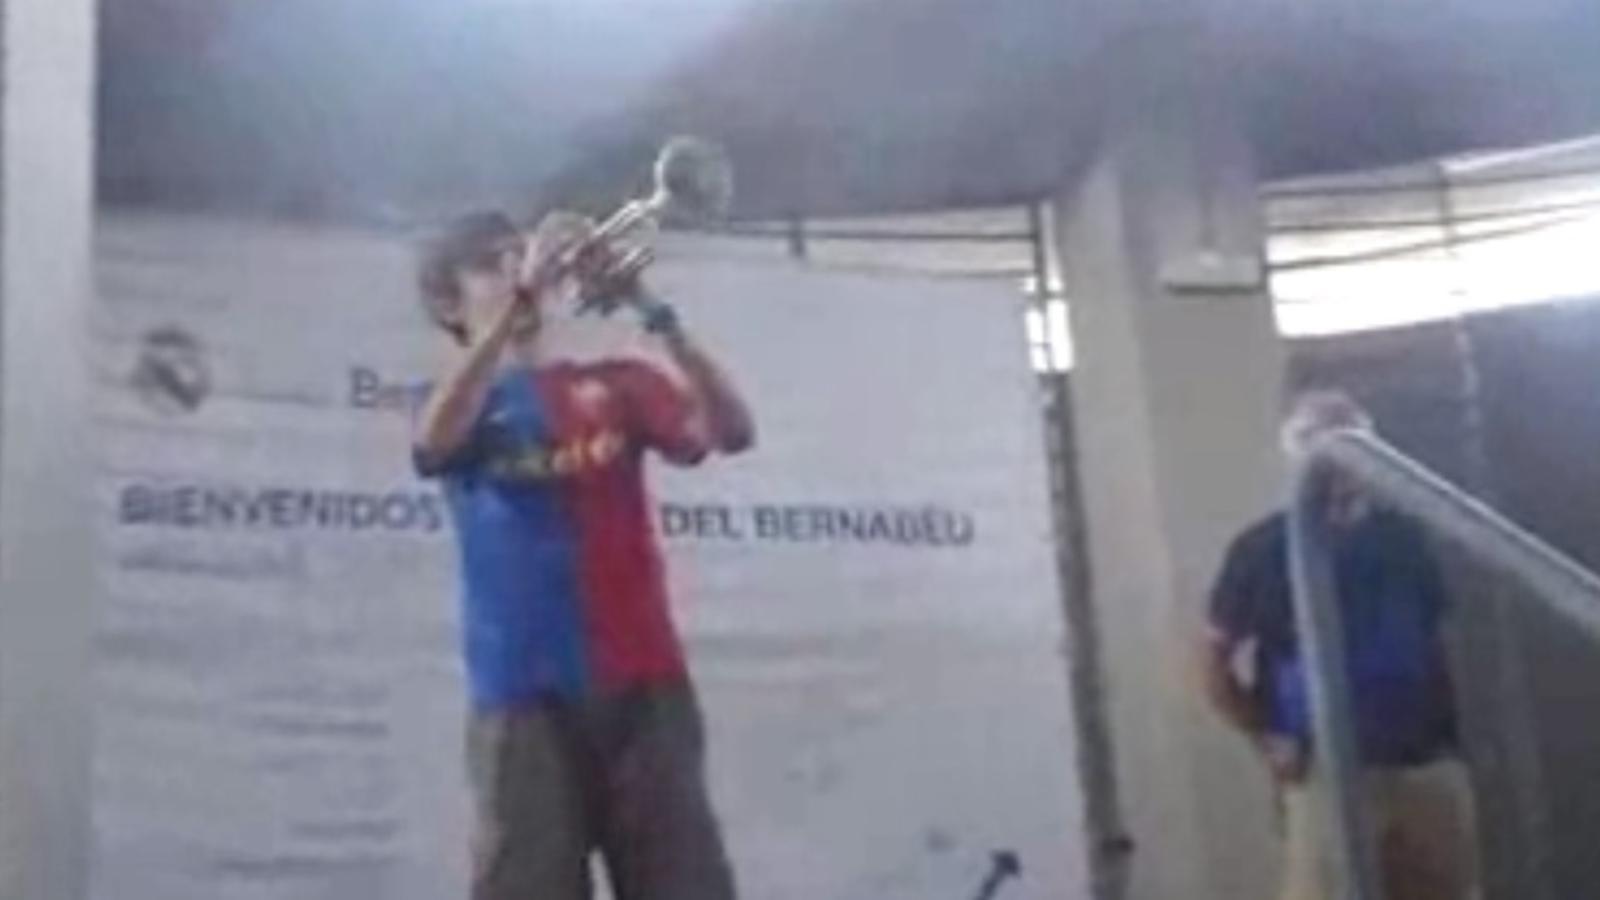 Torna-la a tocar, culer (al Bernabéu)